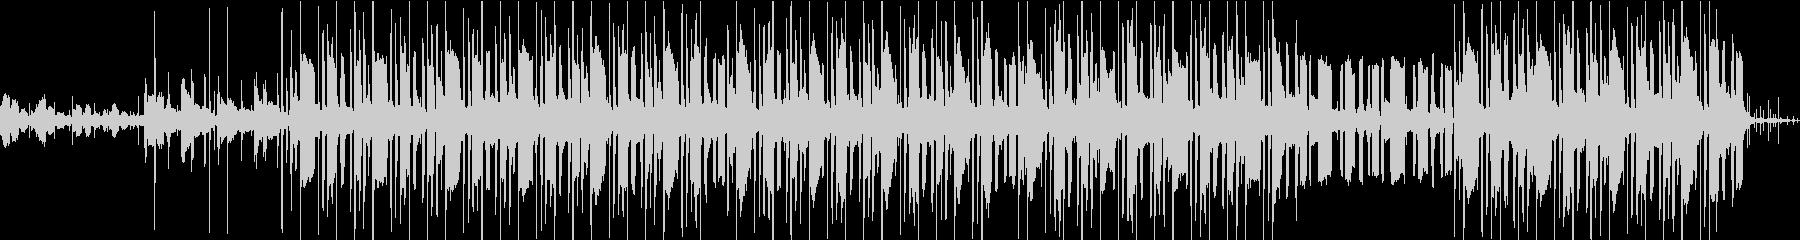 作業用・リラックス・チル系LoFiBGMの未再生の波形